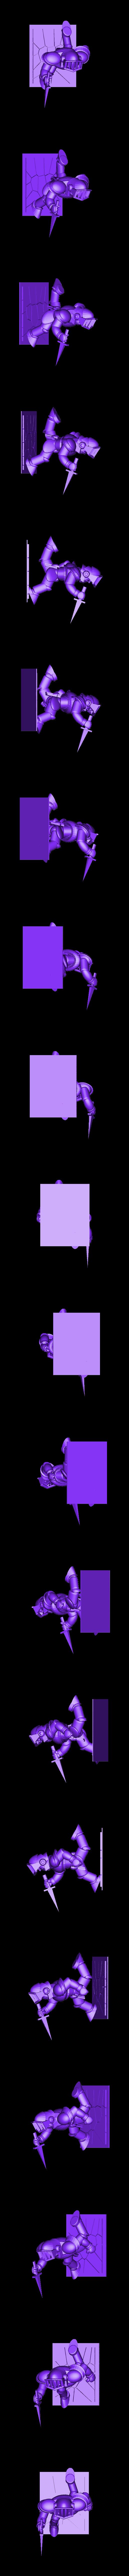 king_arthur_ghost_n_goblins.stl Télécharger fichier STL gratuit Roi Arthur Ghost N Gobelins • Design imprimable en 3D, LittleTup